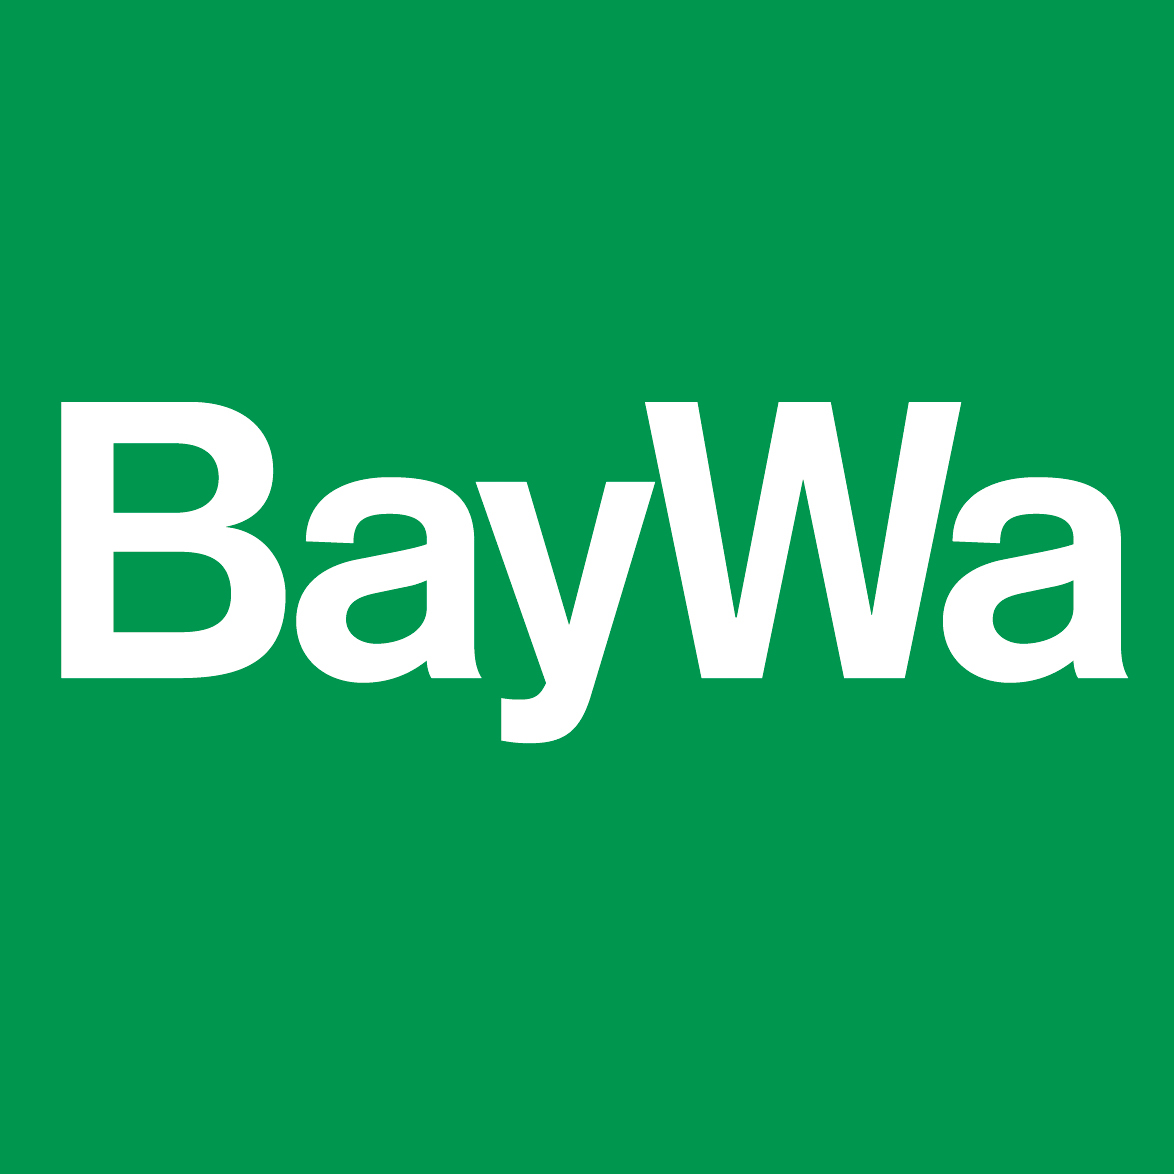 Baustoffe BayWa AG